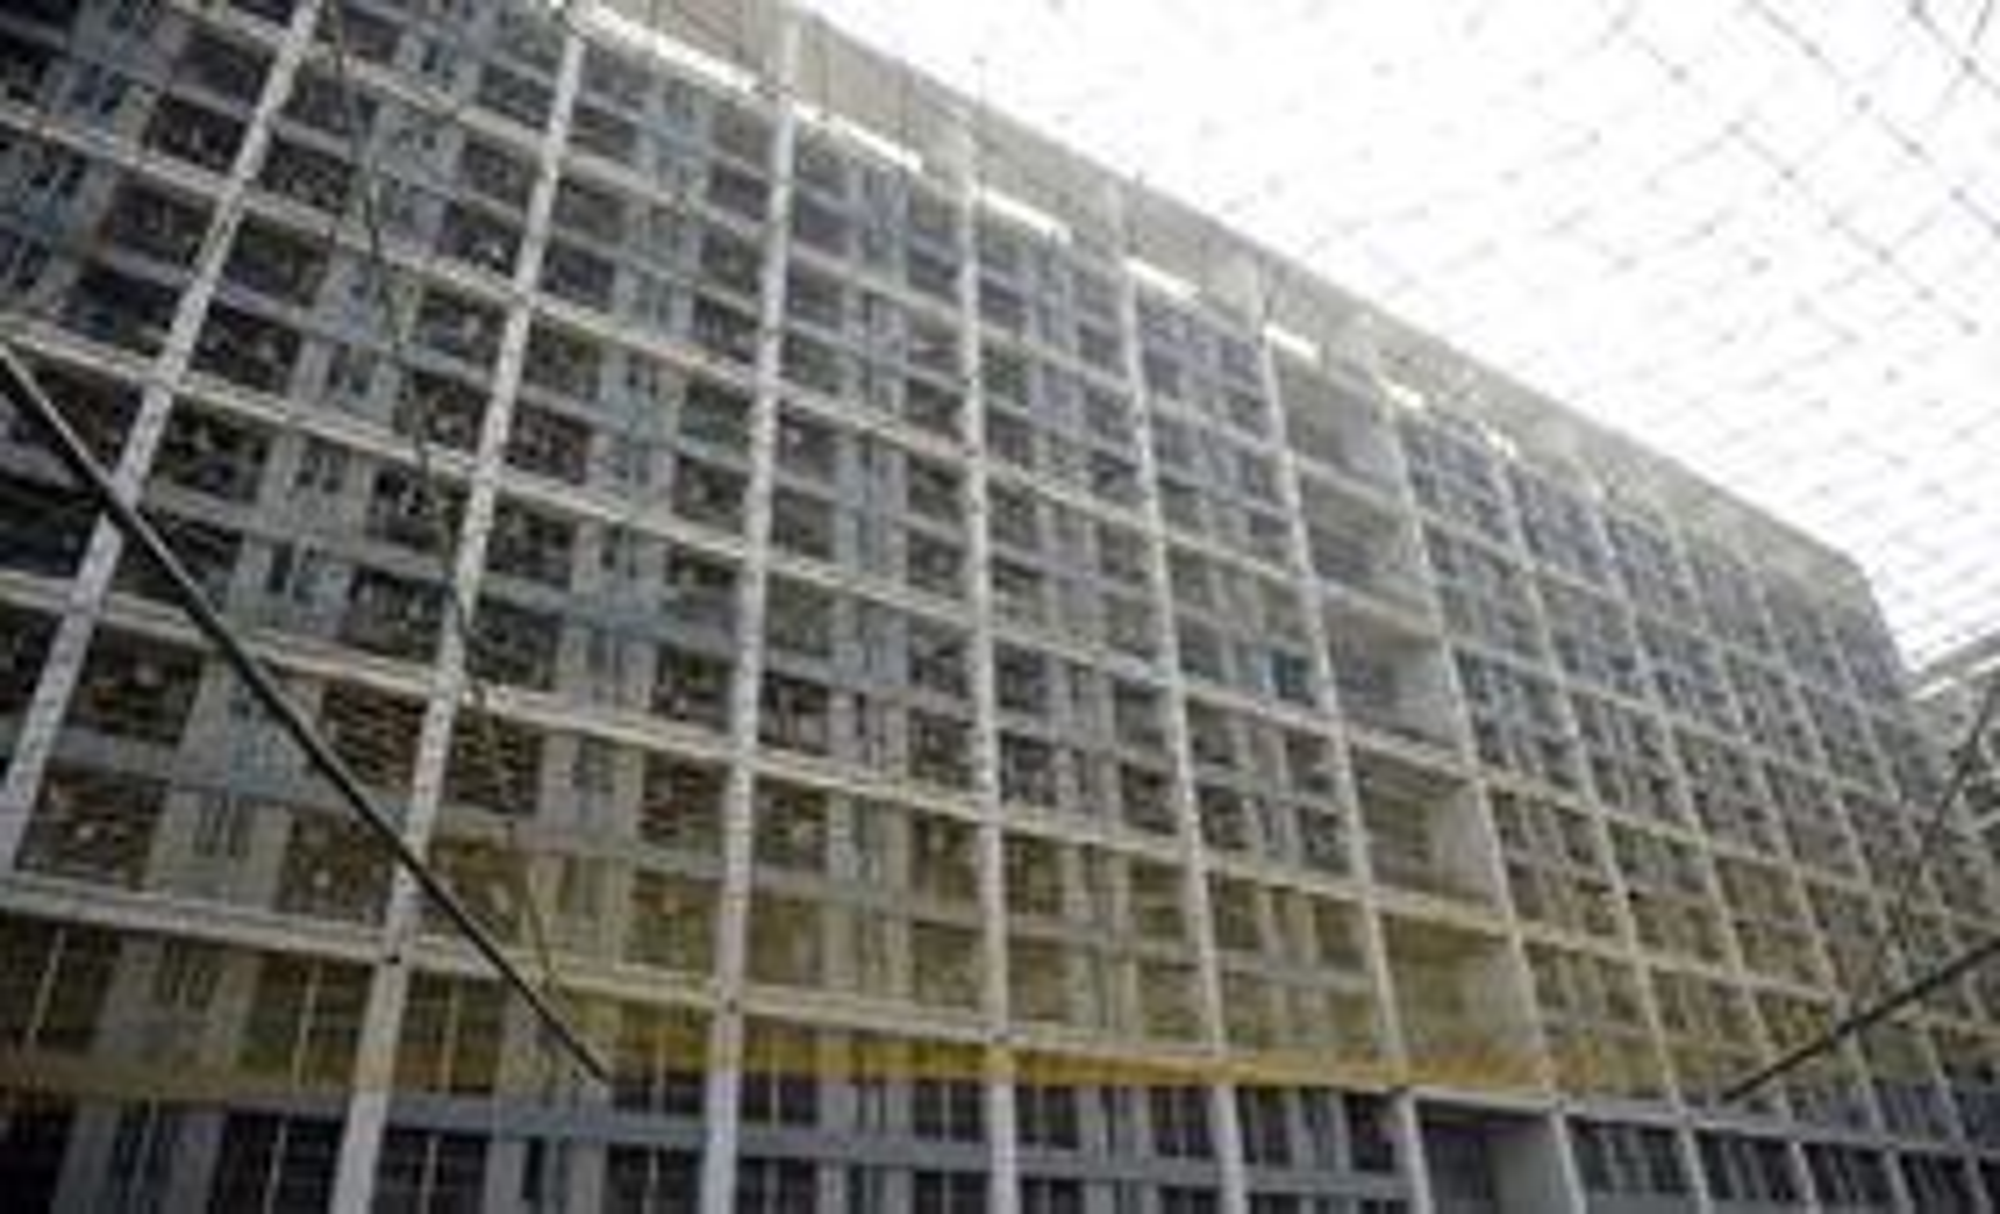 Sikkerhetsnettene Foxconn har hengt opp for å hindre fortvilte ansatte fra å hoppe i døden preger fortsatt fasaden ved fabrikker og gigantiske sovebrakker, som her i Shenzhen.